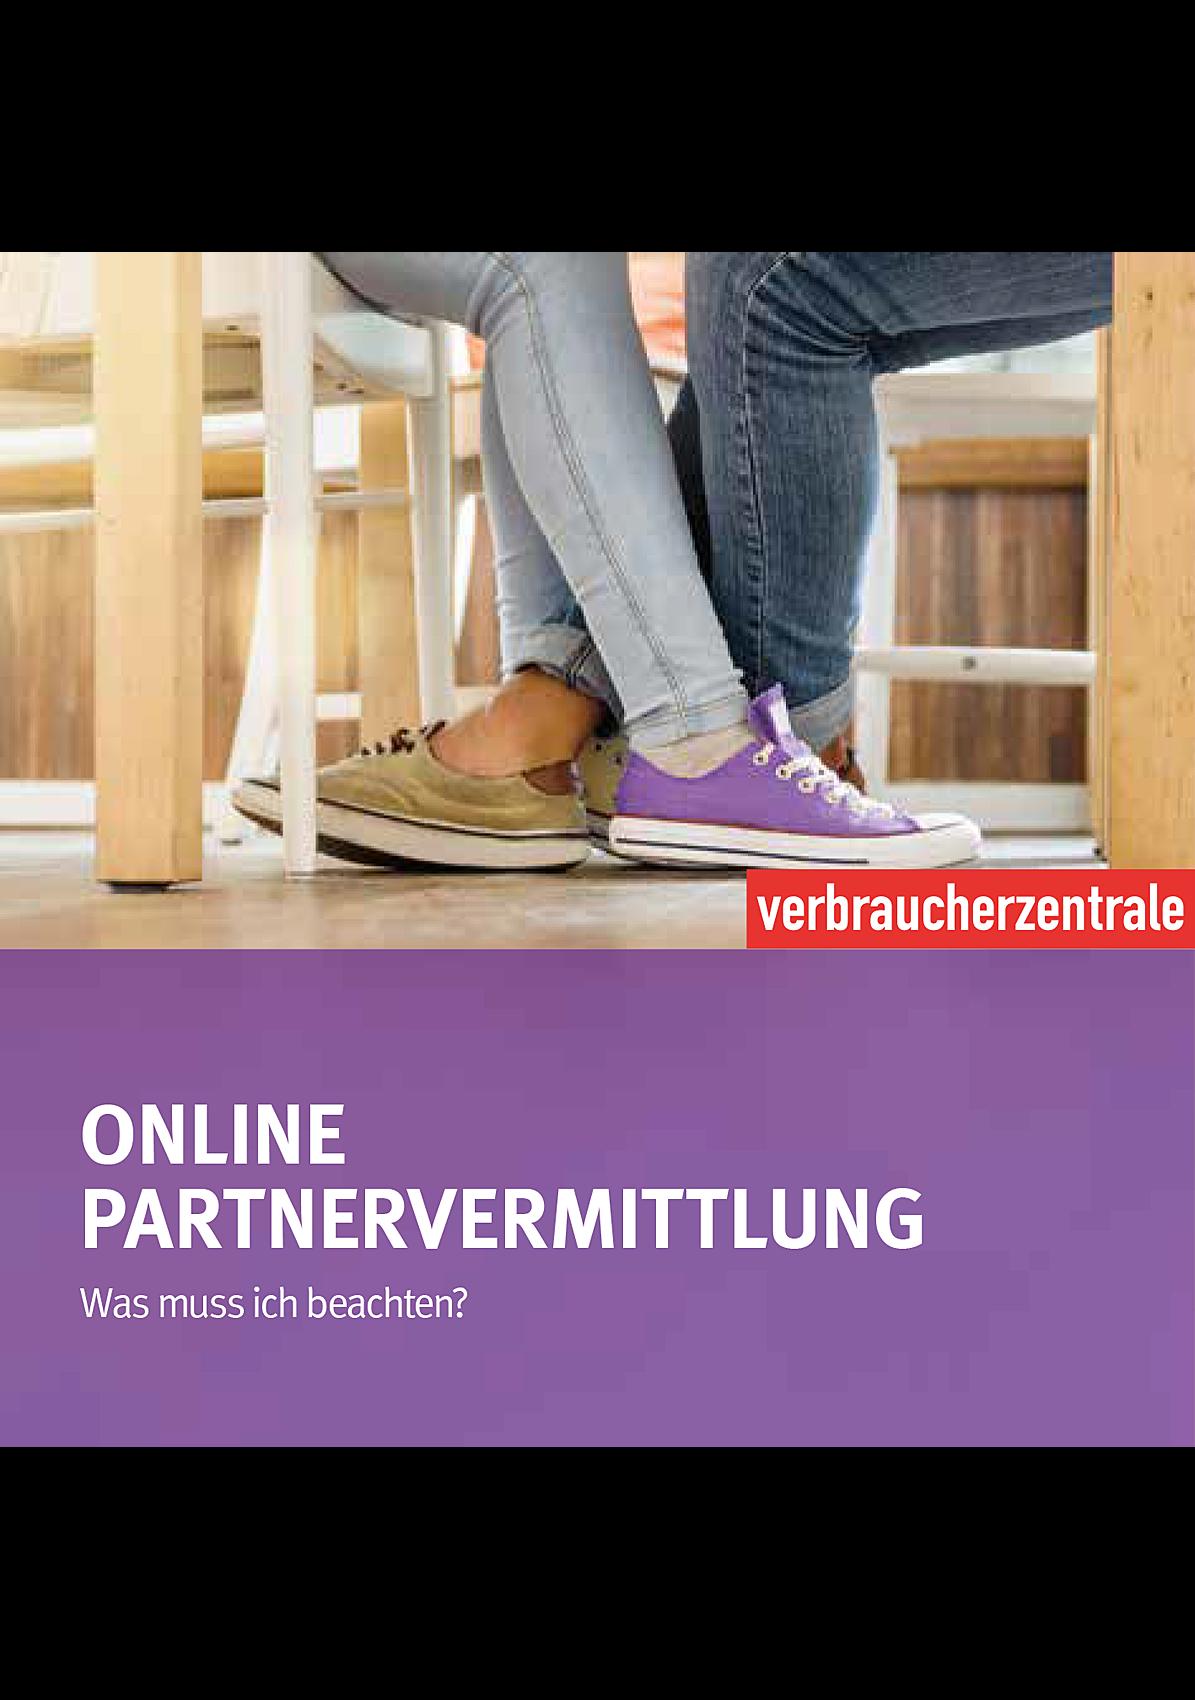 Partnervermittlung verbraucherzentrale